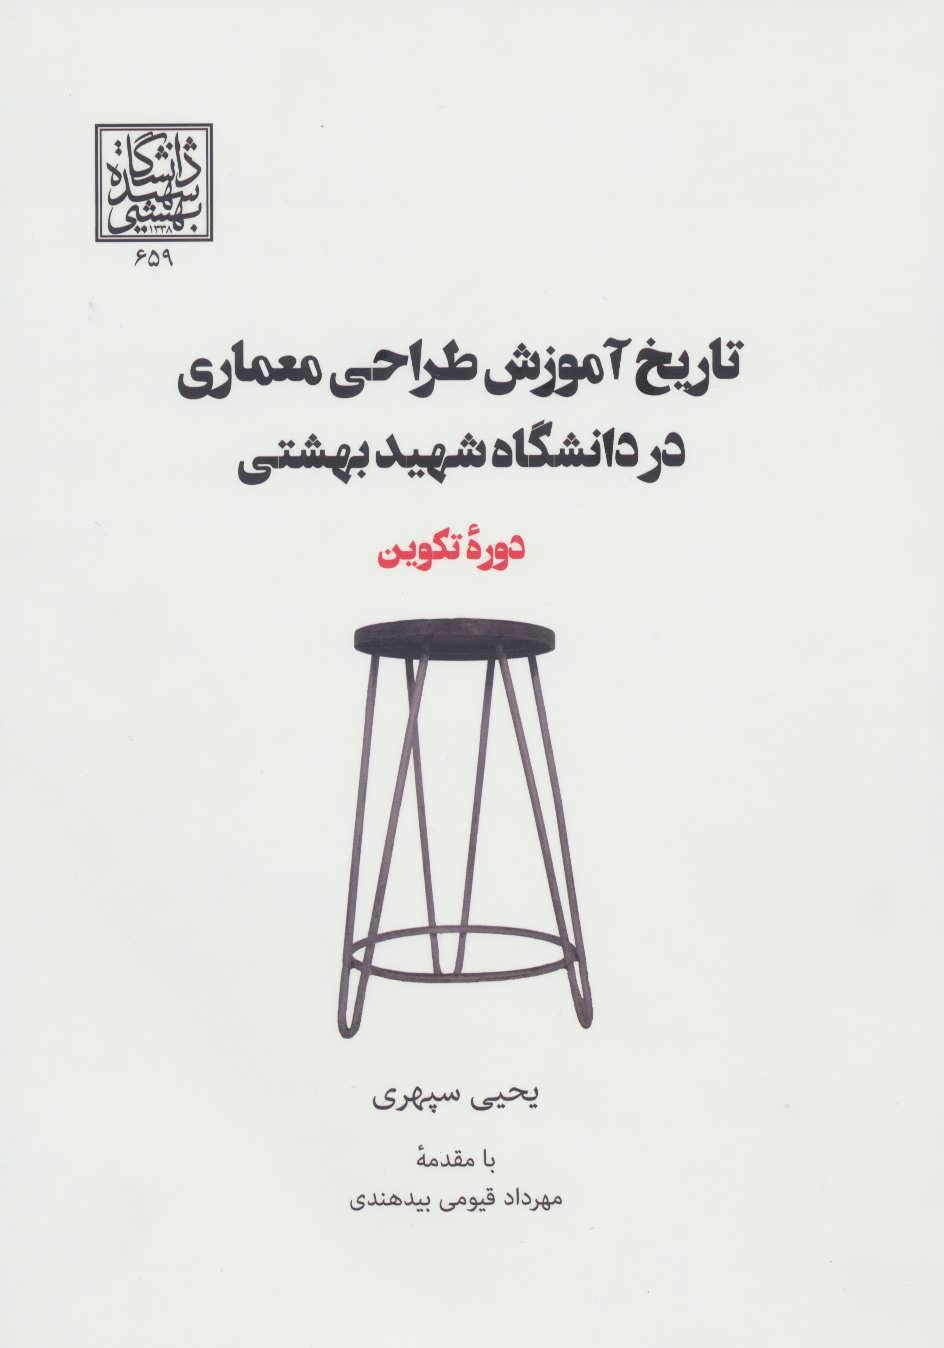 کتاب تاریخ آموزش طراحی معماری در دانشگاه شهید بهشتی دوره تکوین